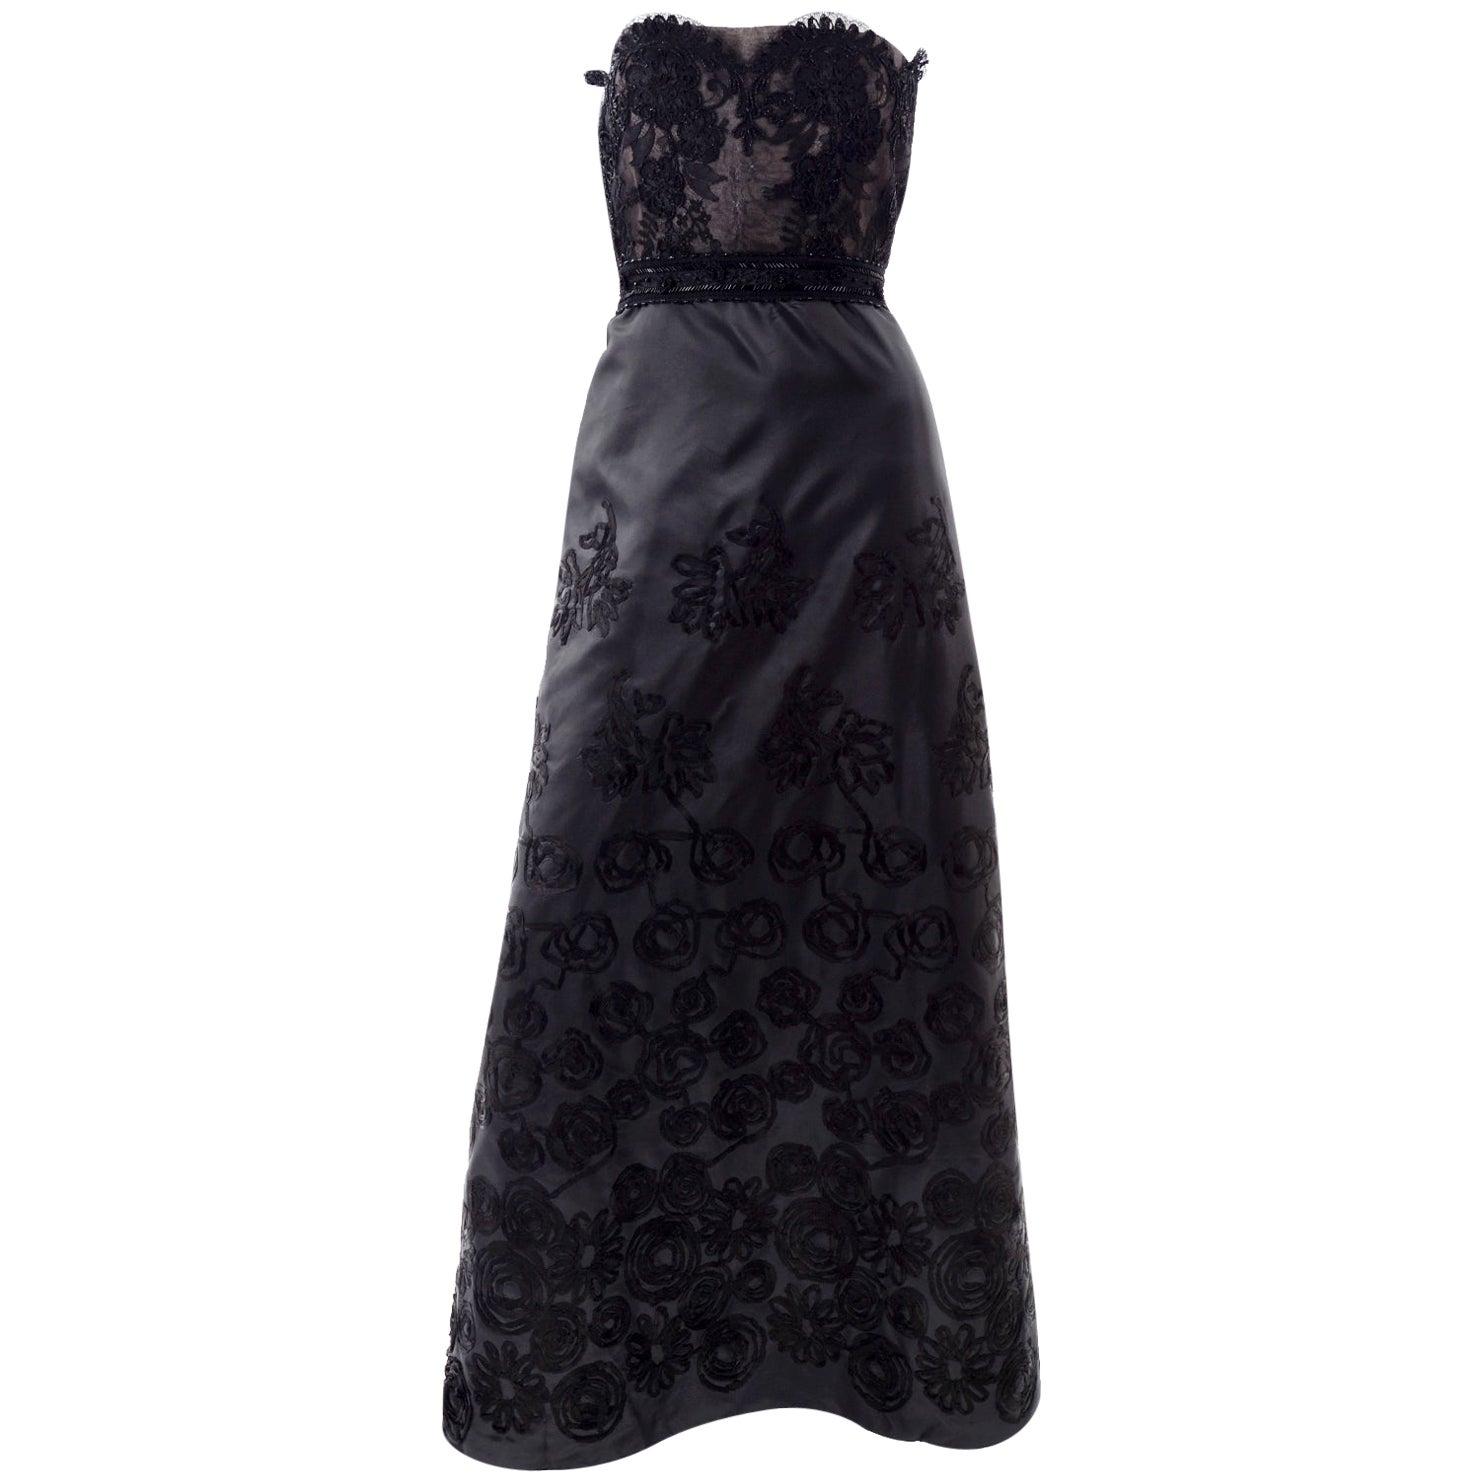 1990s Christian Lacroix Vintage Black Lace & Satin Strapless Evening Dress